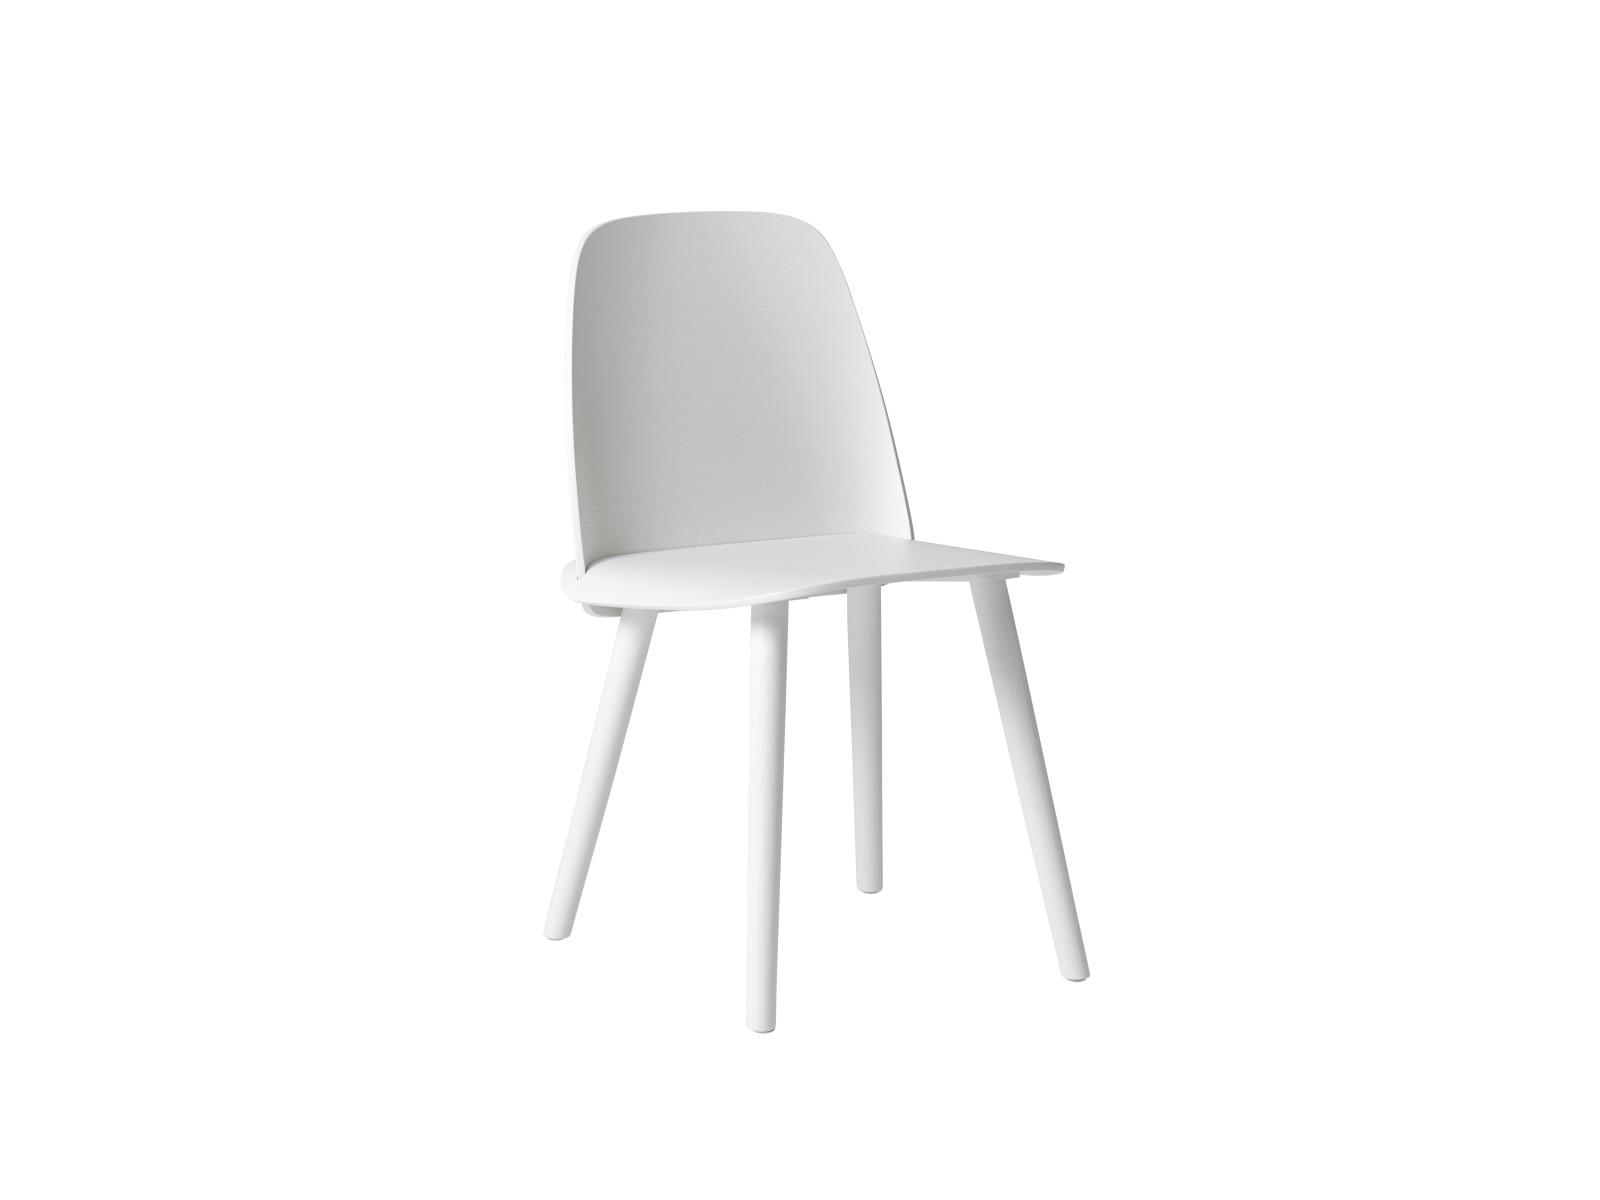 Nerd Chair White